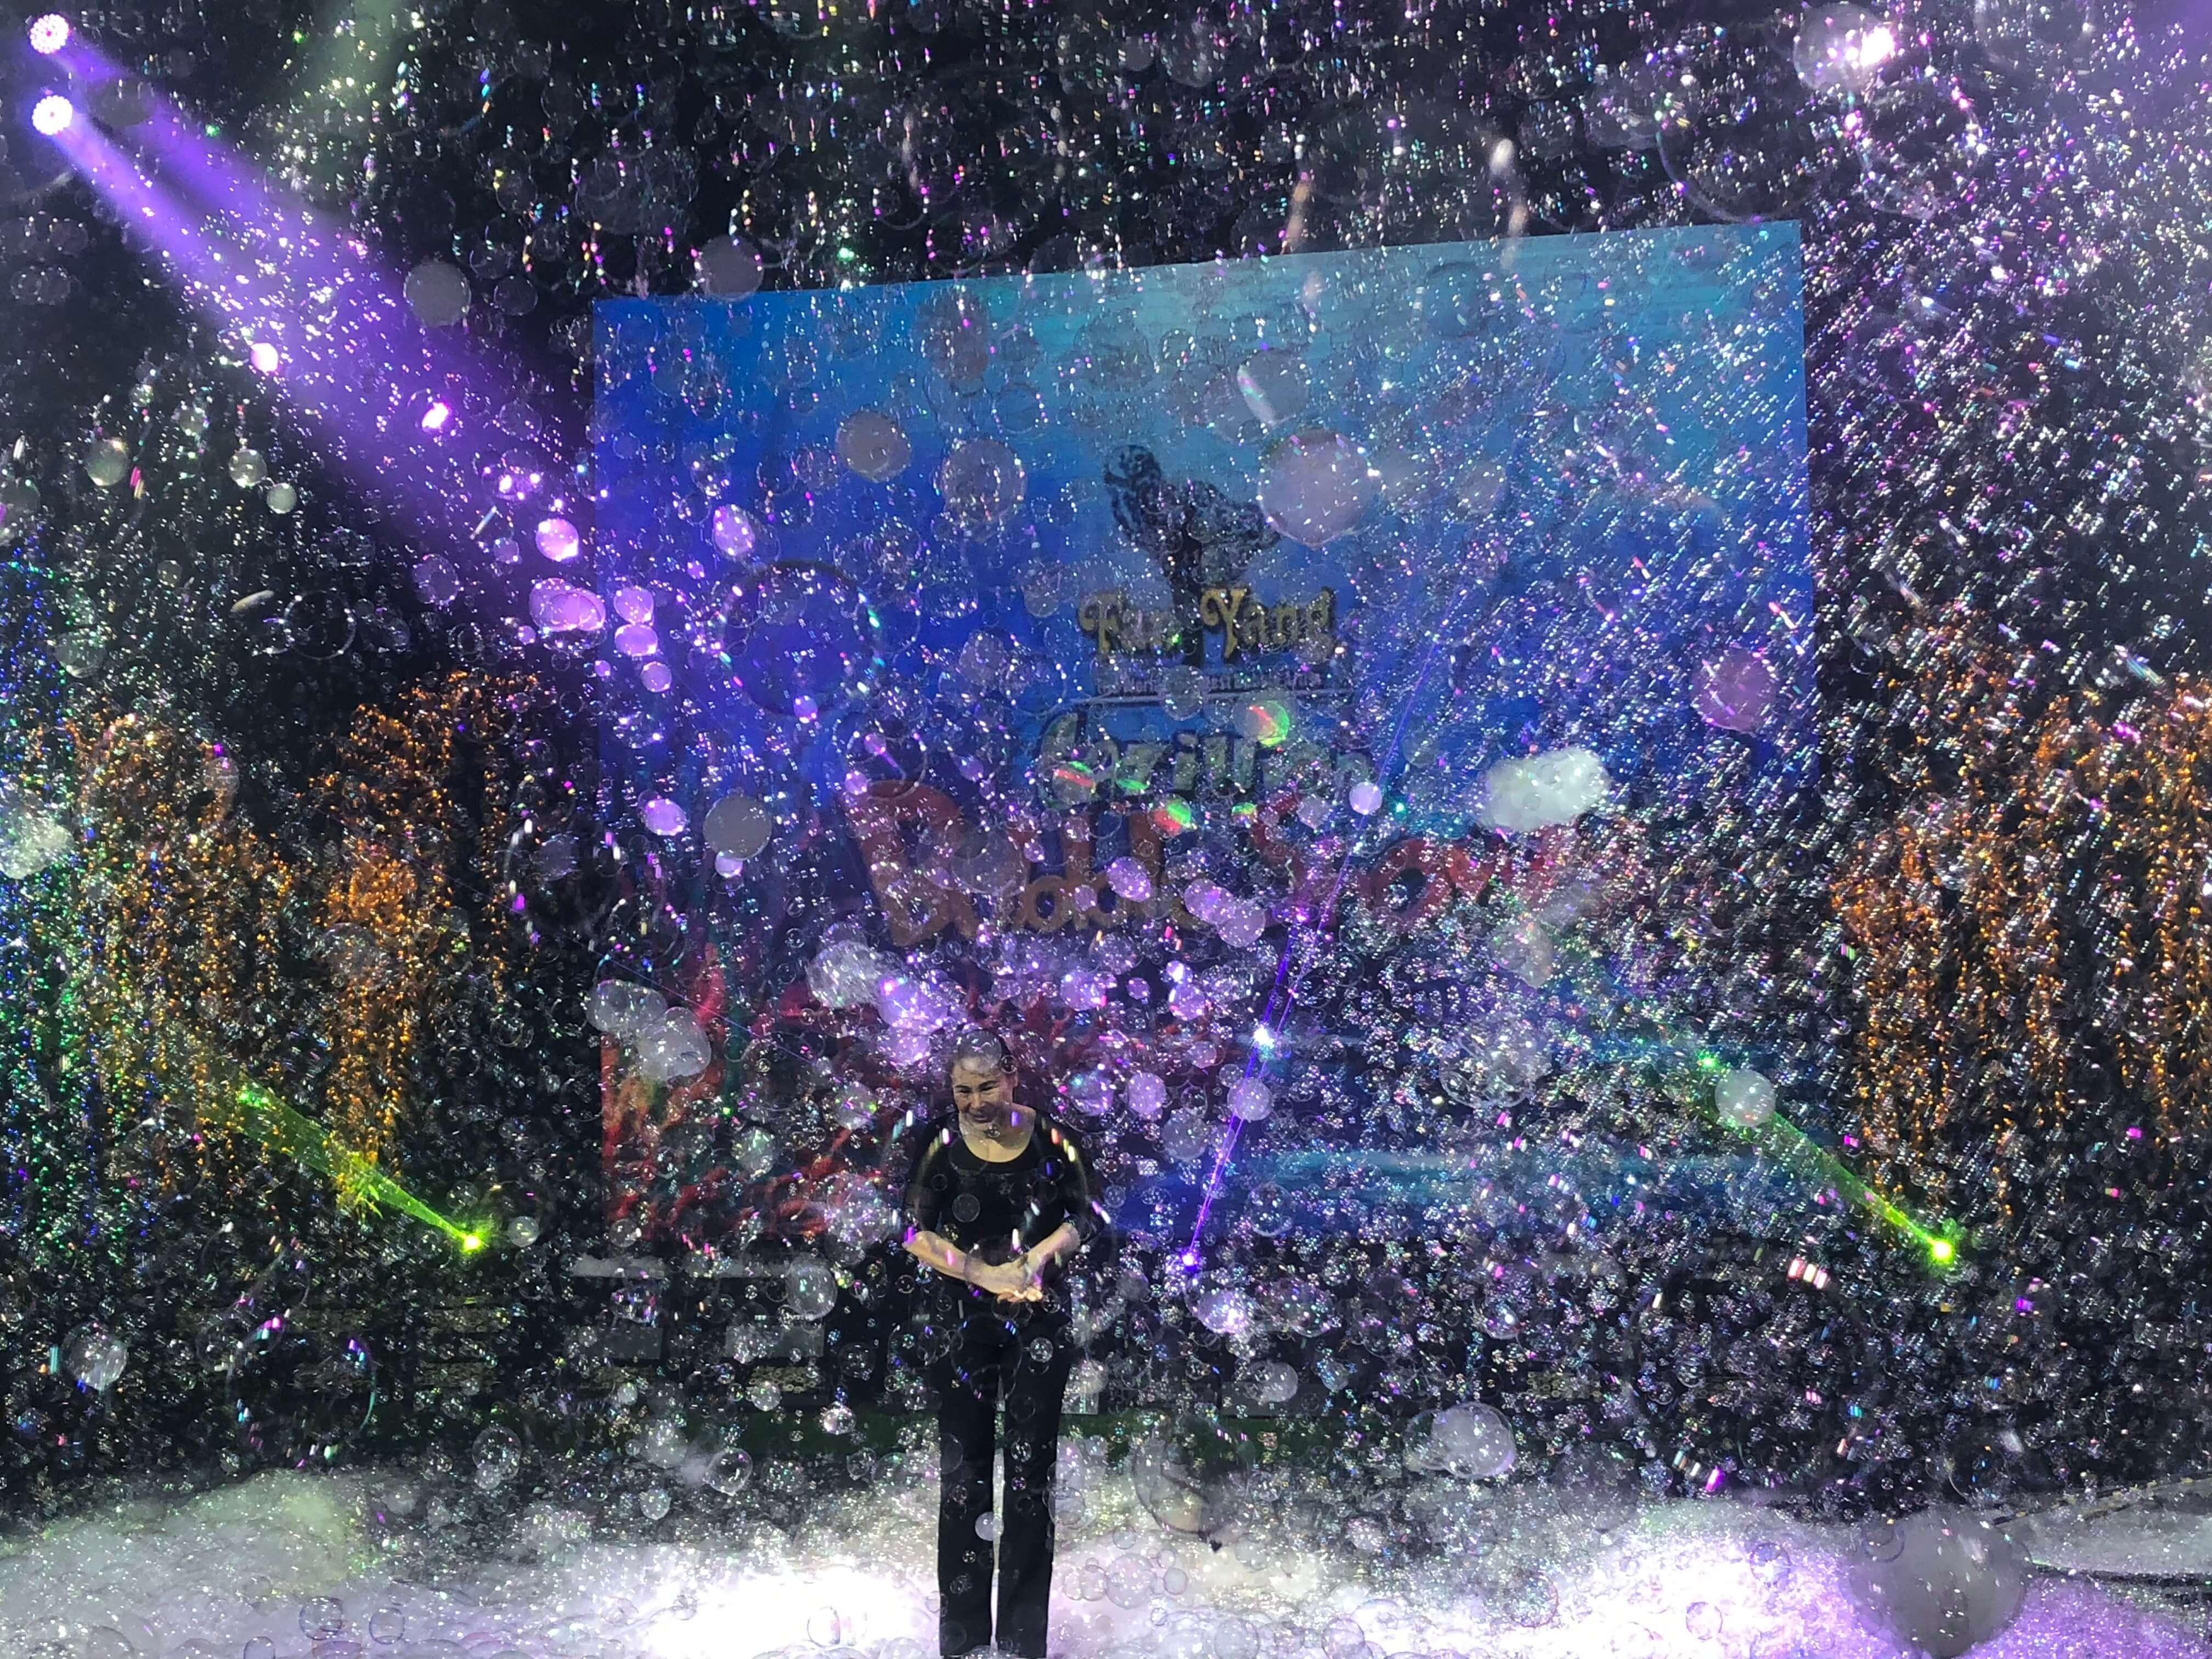 Gazillion Bubble Show finale